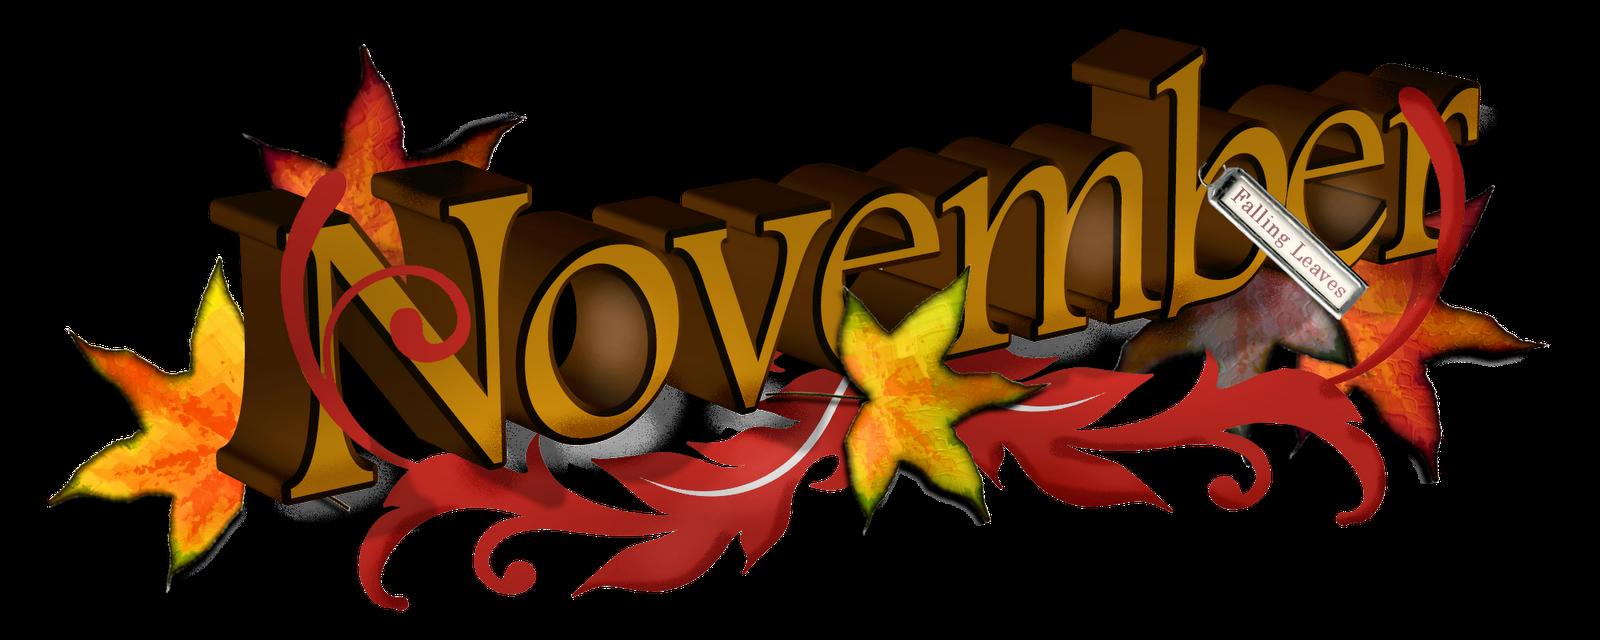 November calendar 2016 clipart transparent Needle News and Book Reviews: November 2016 transparent